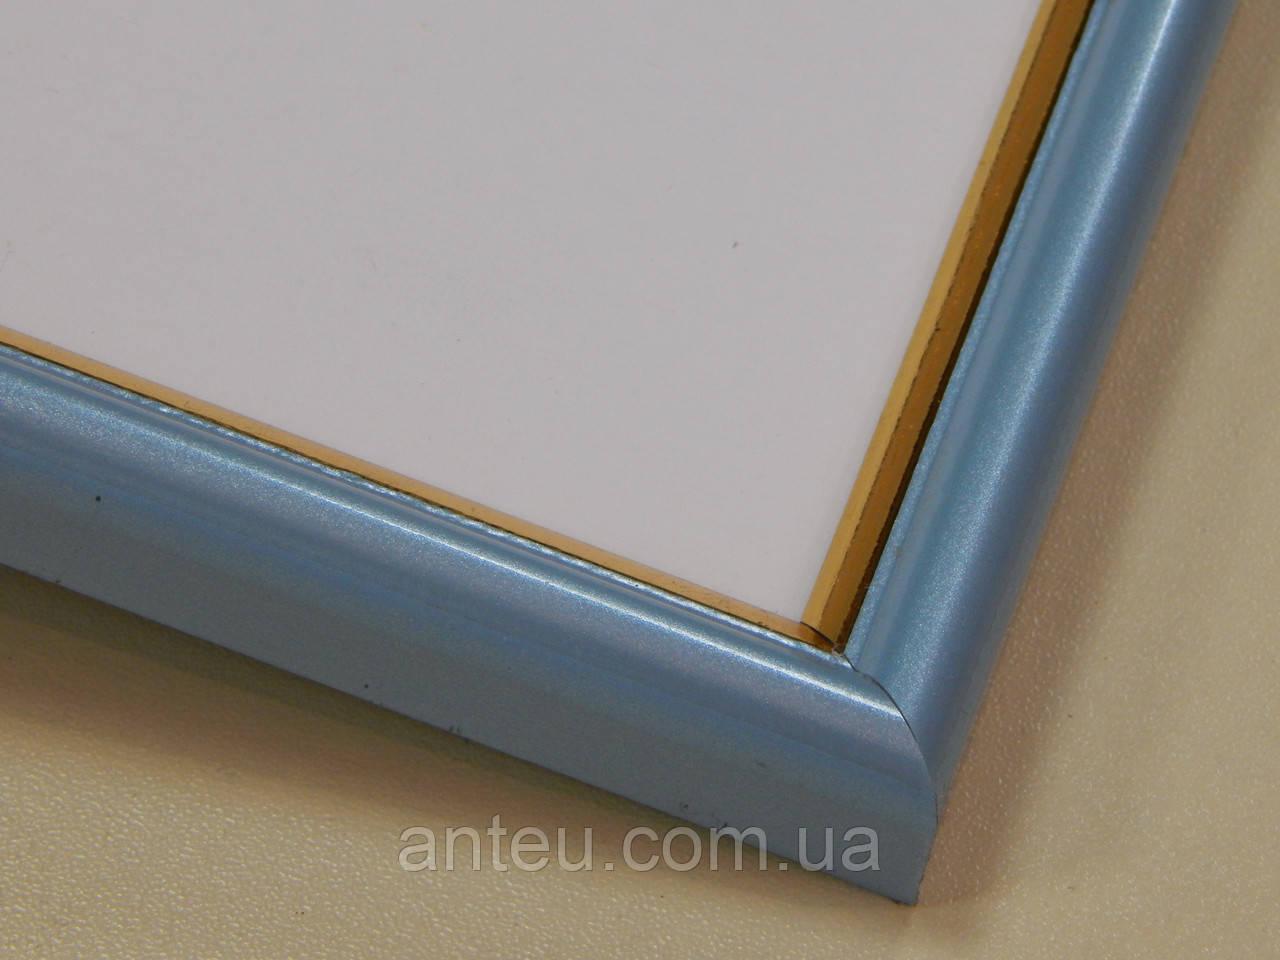 РАМКА А5 (148х210).14 мм.Голубой перламутр с золотой окантовкой.